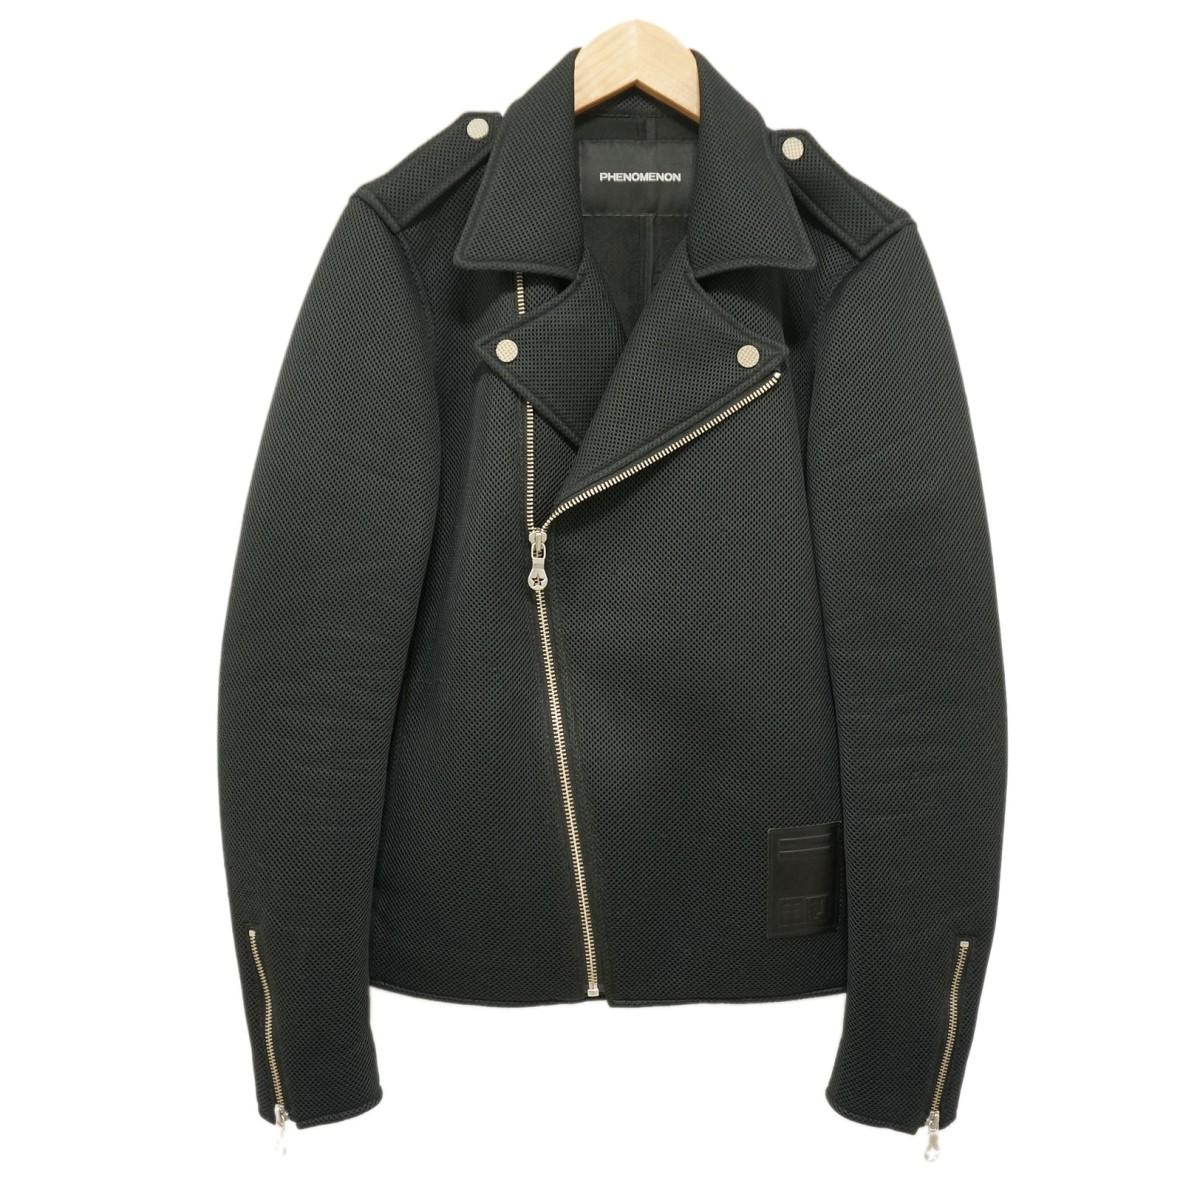 【中古】PHENOMENON 15SS メッシュ ライダースジャケット ブラック サイズ:40(L) 【030320】(フェノメノン)